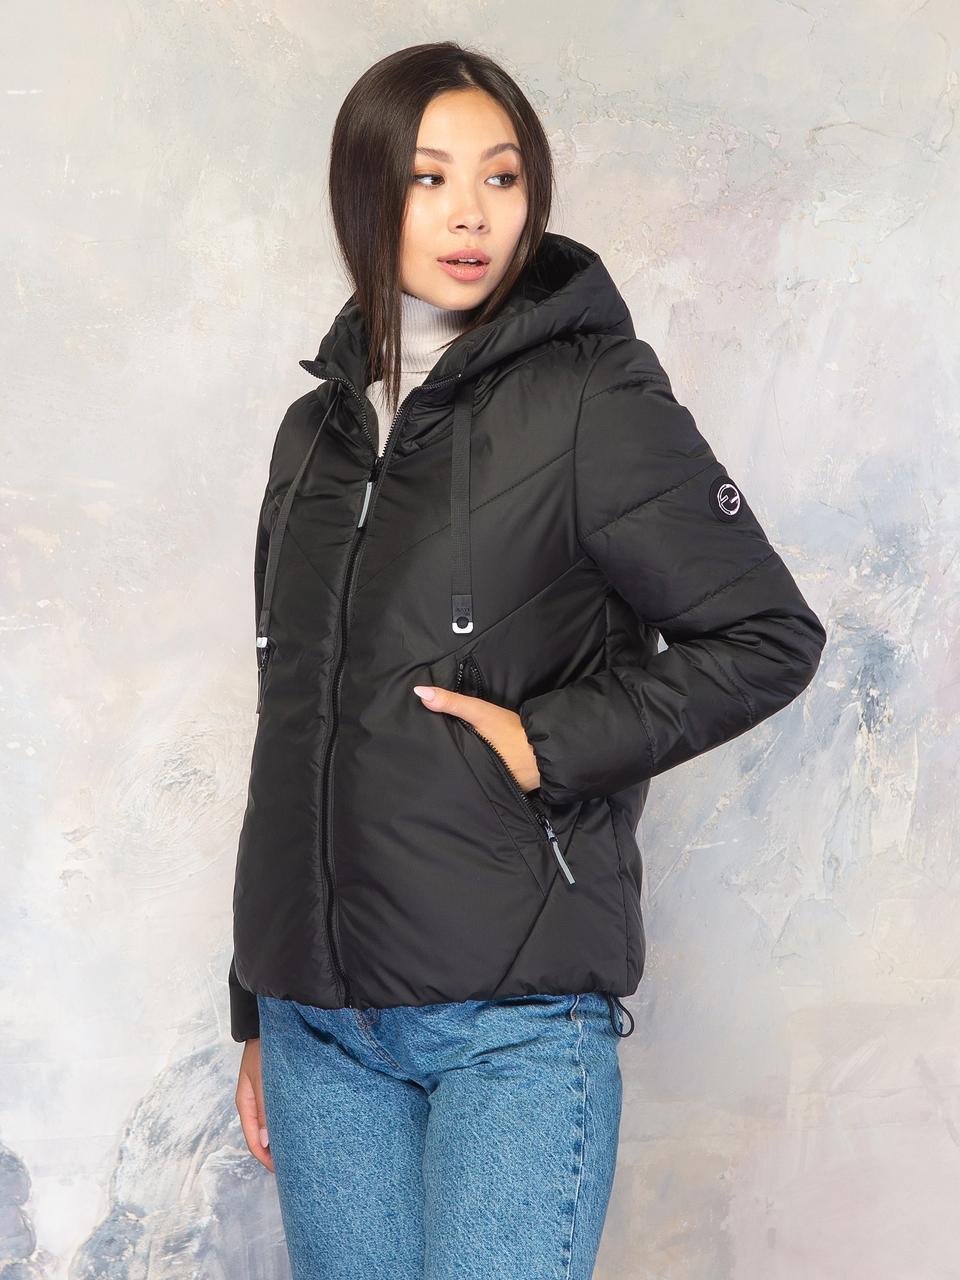 Стильная женская куртка размер плюс Лира черная (42-56)